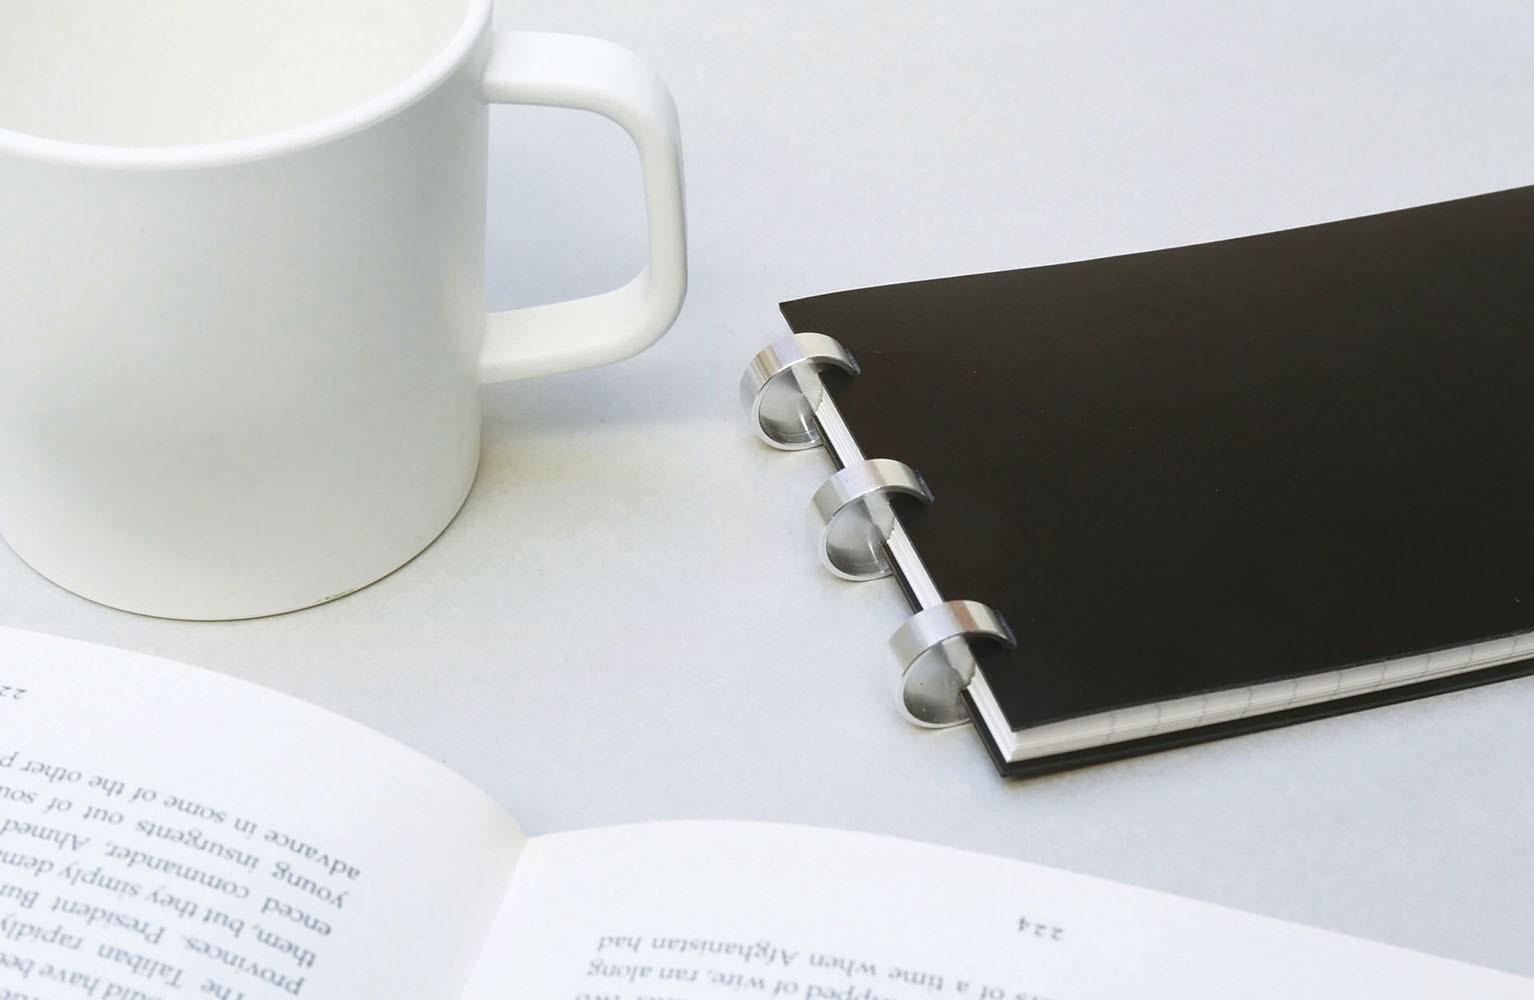 大人ためのビジネスノート。サイズとカラーの選べるエディットの方眼ノート